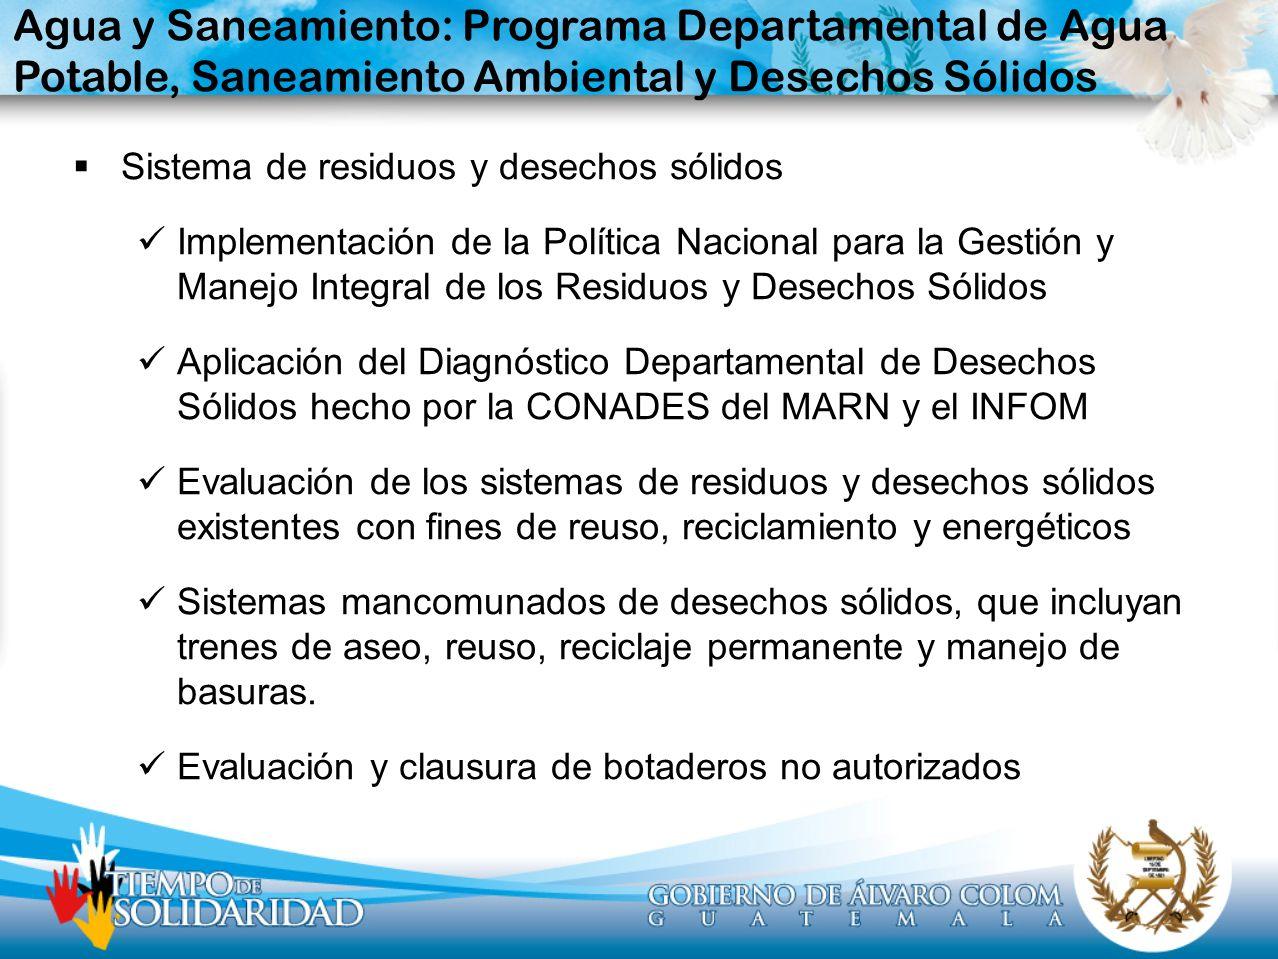 Agua y Saneamiento: Programa Departamental de Agua Potable, Saneamiento Ambiental y Desechos Sólidos